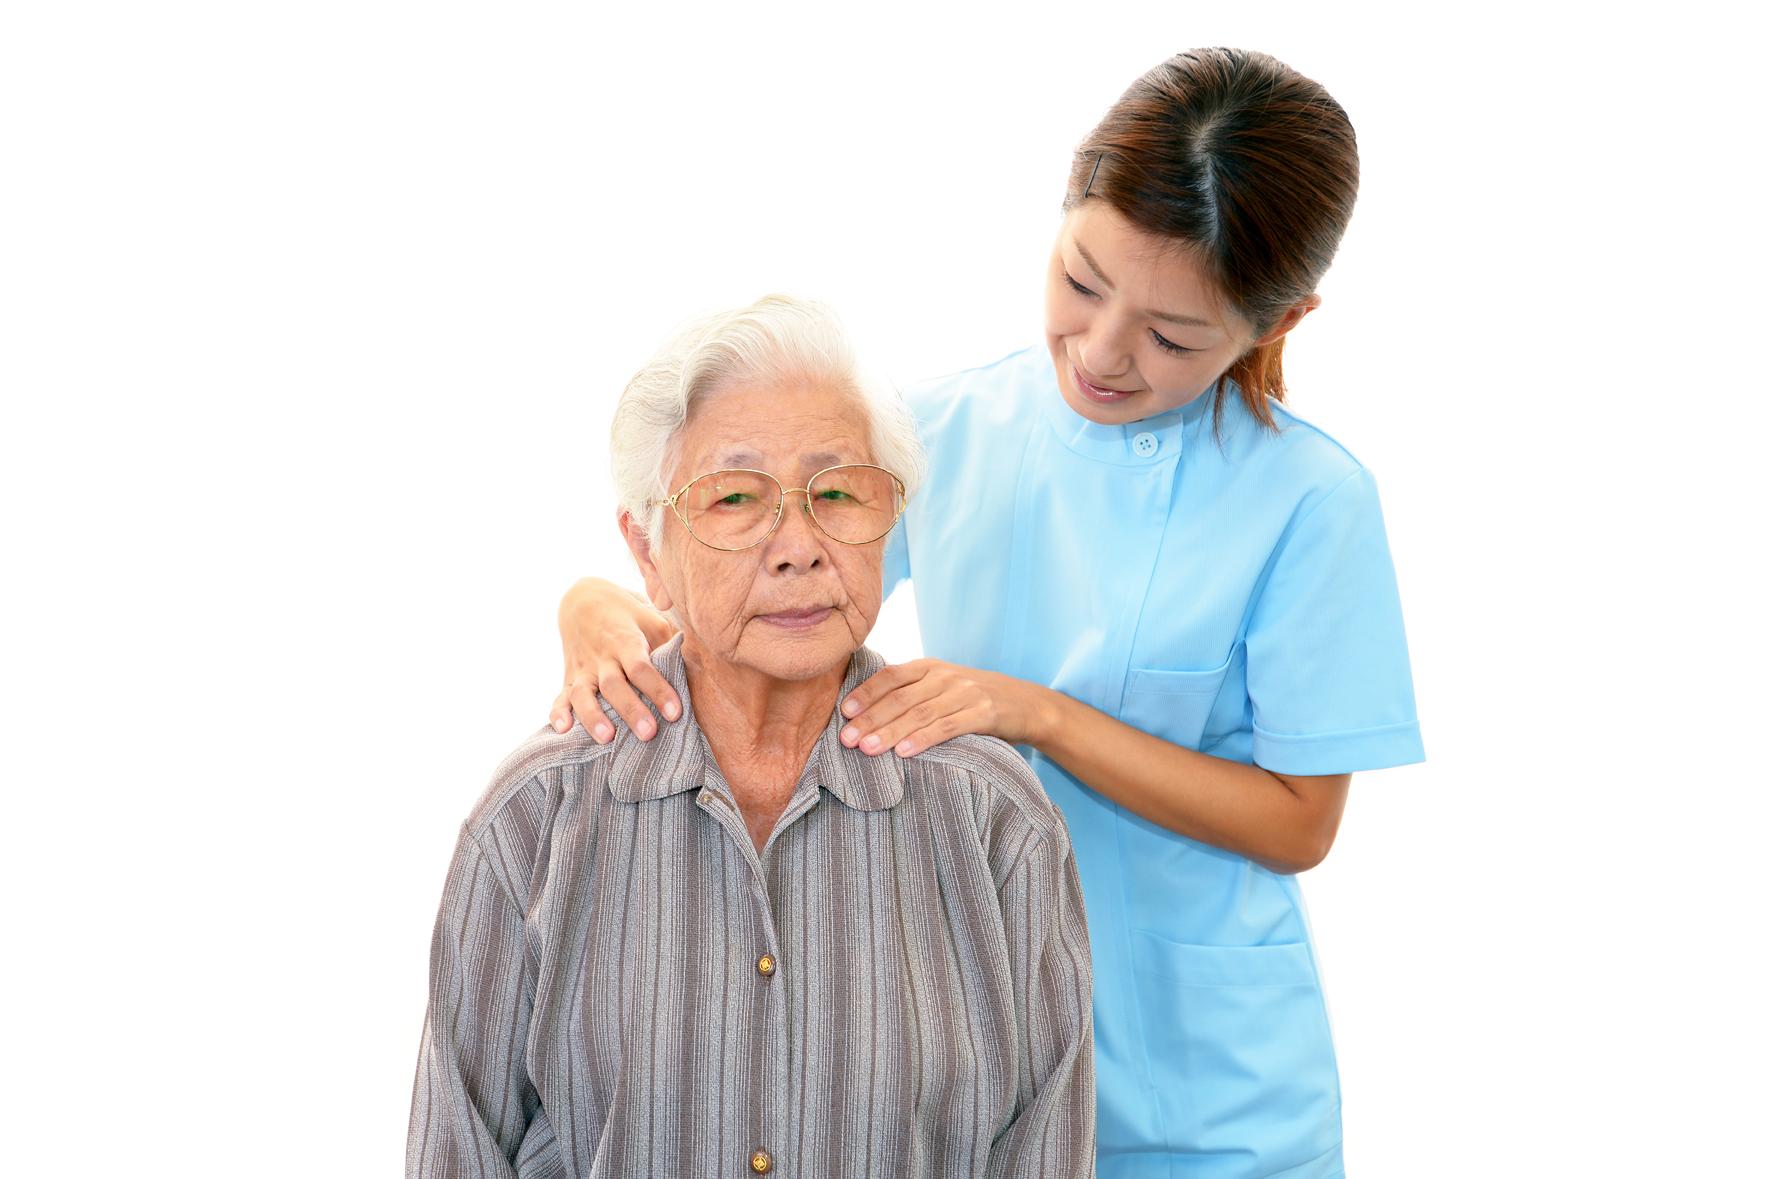 Học liên thông Cao đẳng Điều dưỡng cơ hội việc làm trong tầm tay